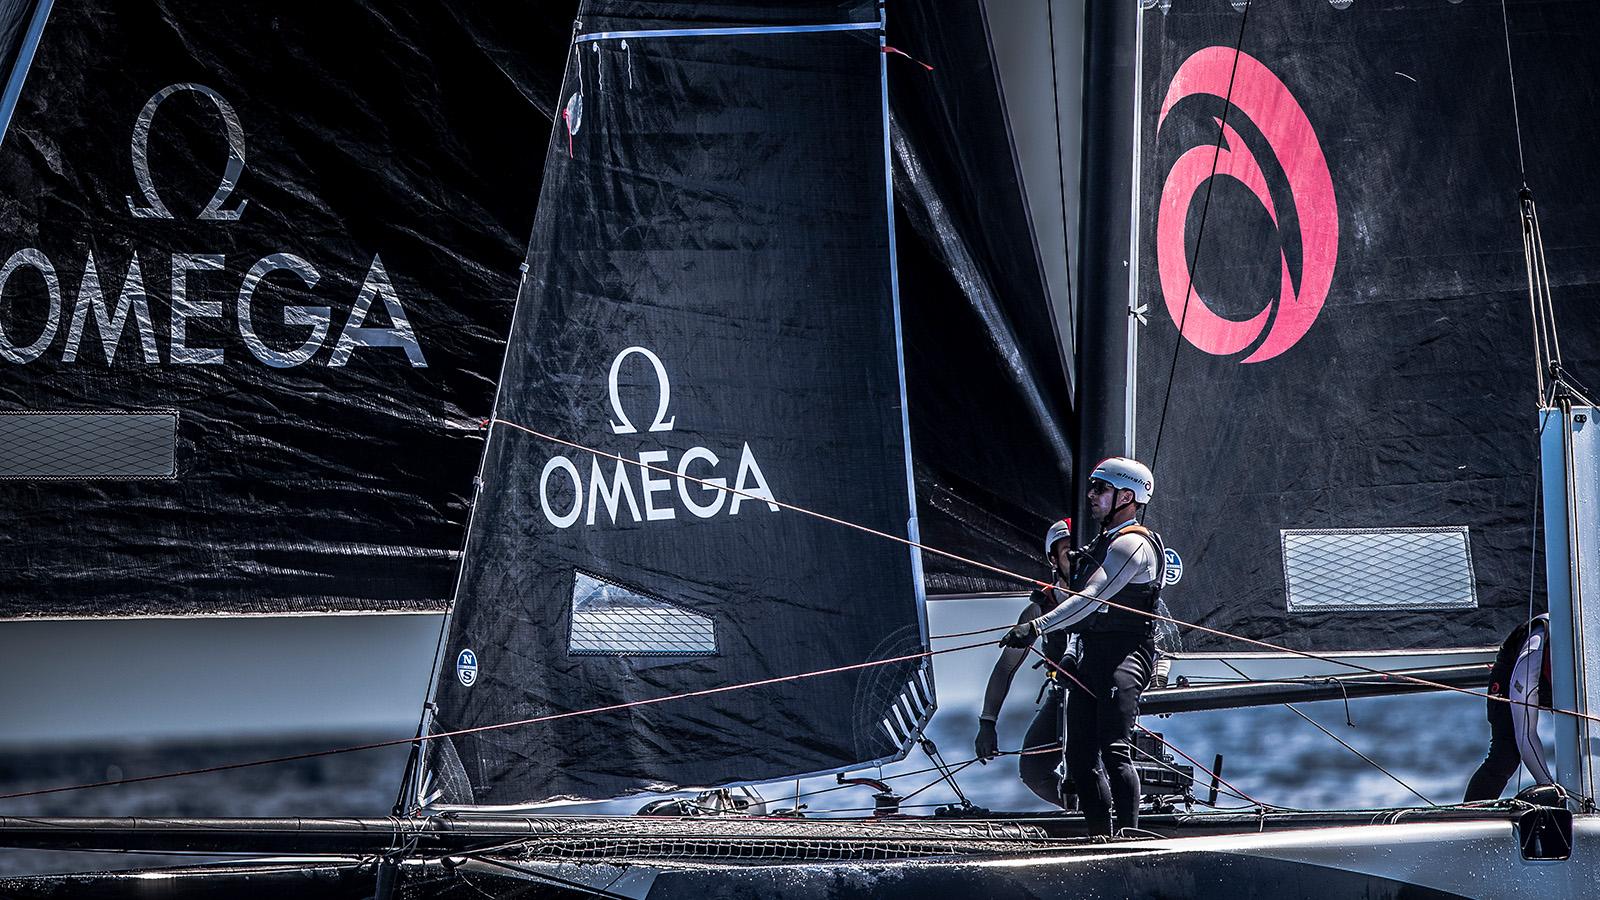 omega-alinghi.jpg